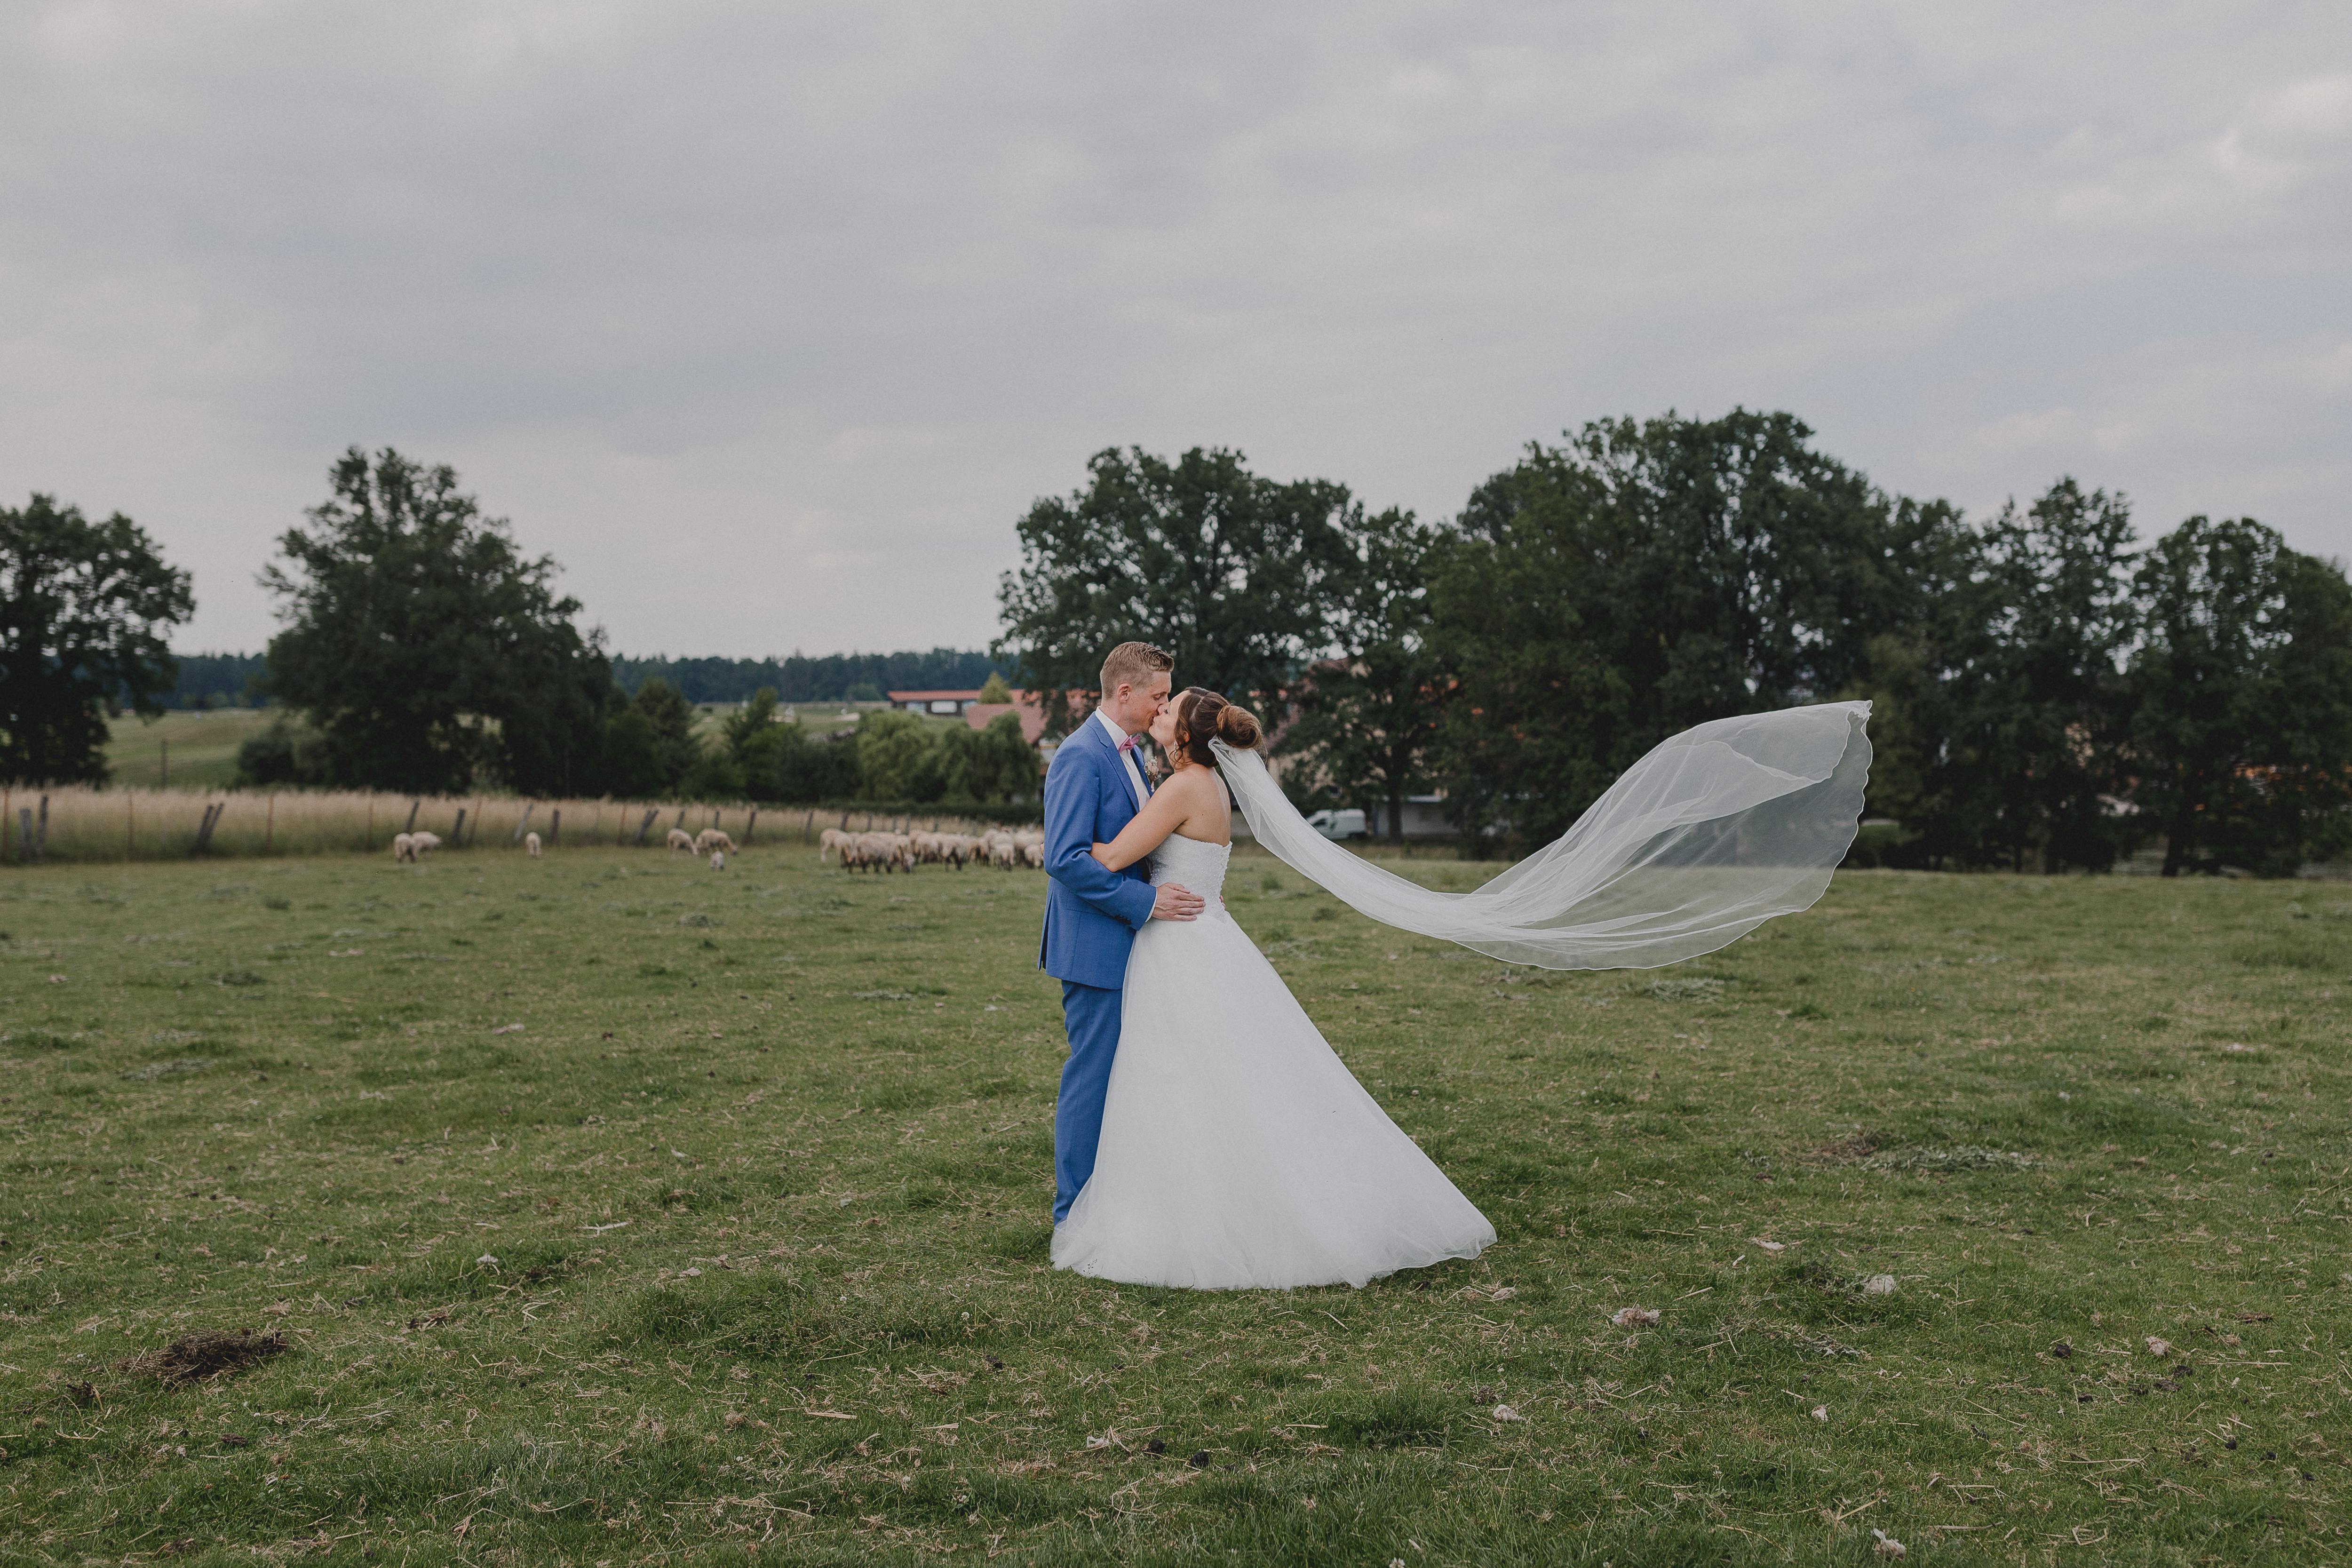 URBANERIE_Daniela_Goth_Vintage_Hochzeitsfotografin_Nuernberg_Fuerth_Erlangen_180630_1147